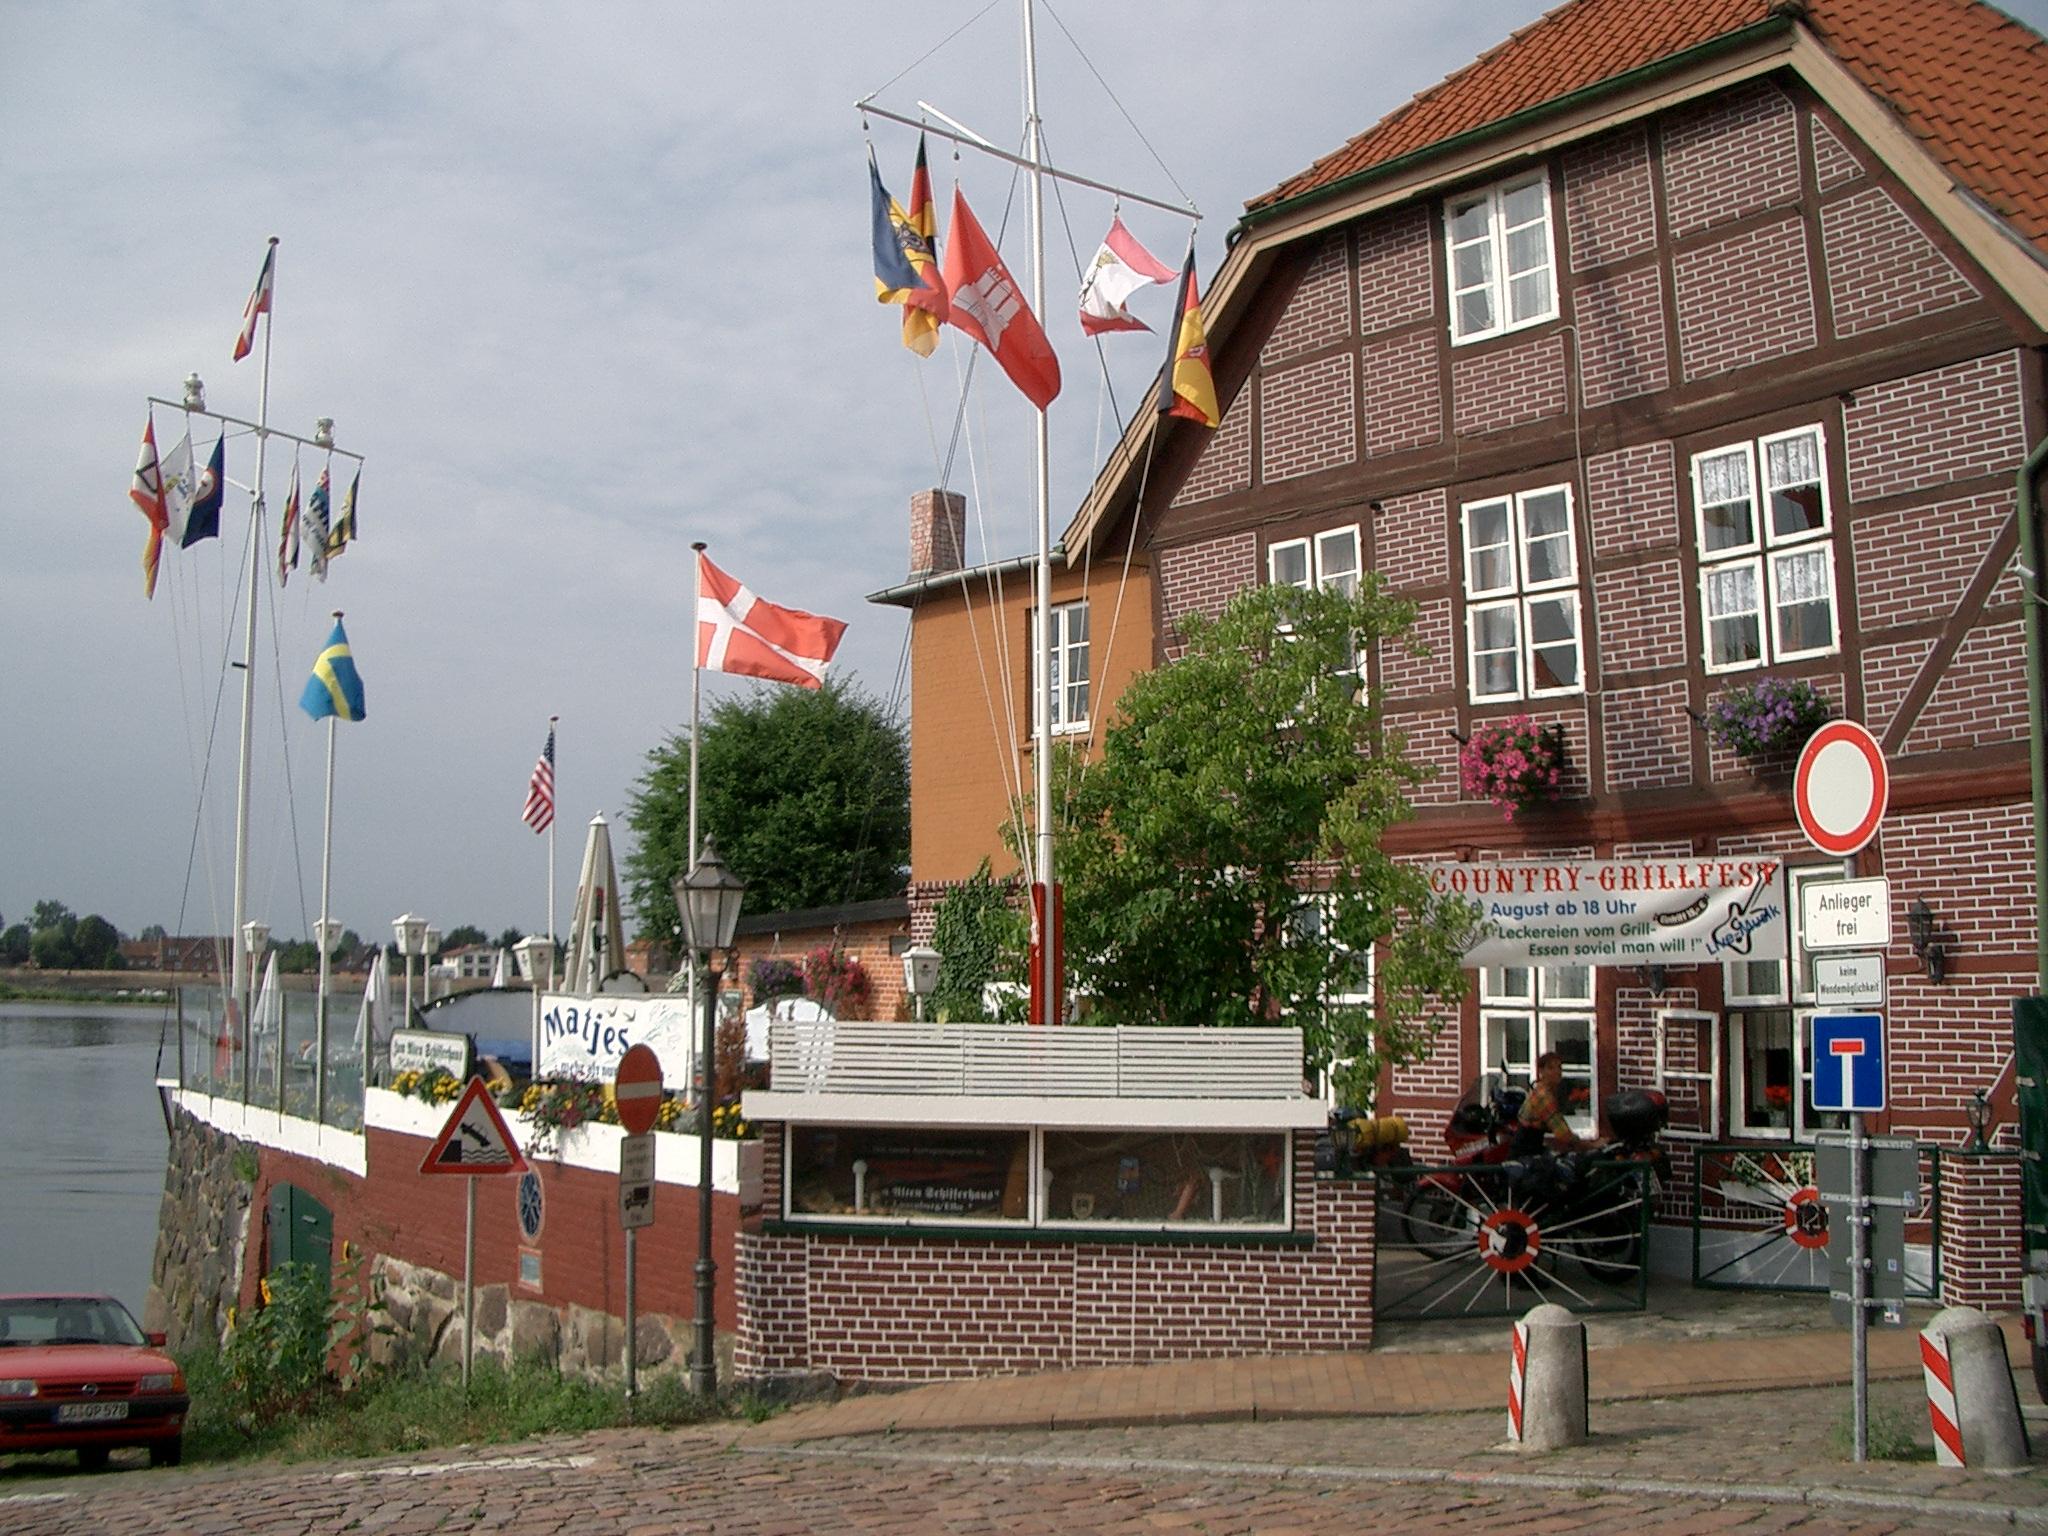 Alte Schifferhaus in Lauenburg an der Elbe